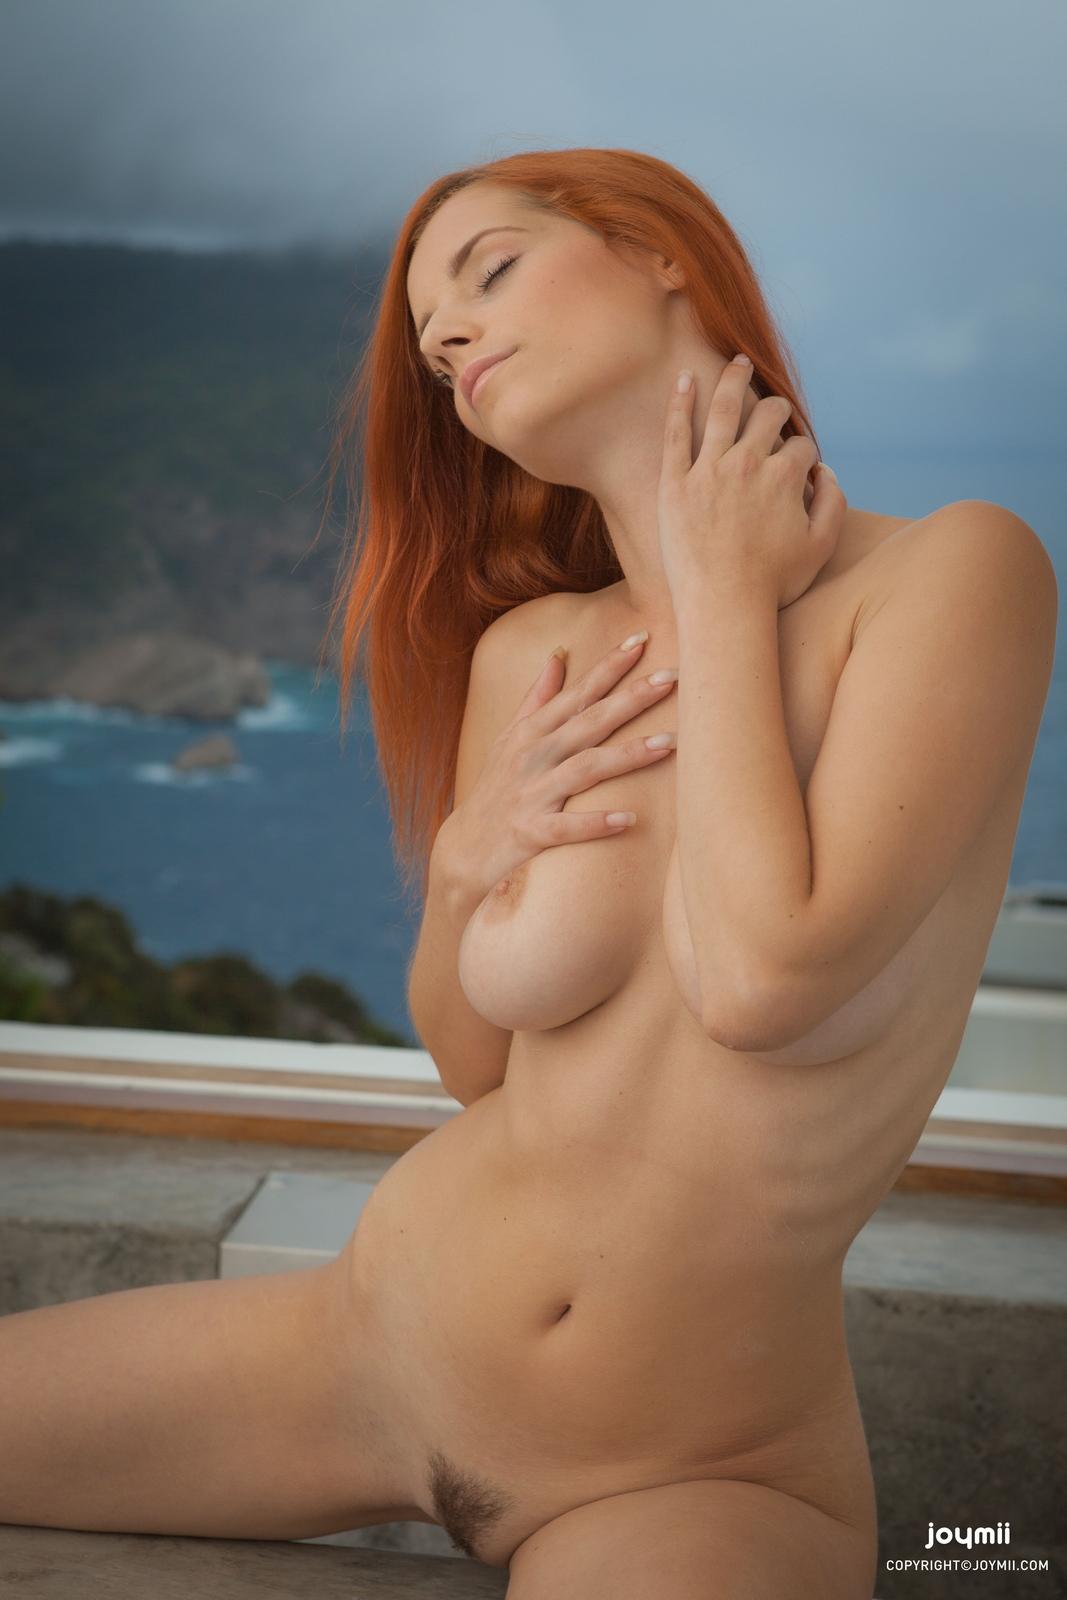 ariel-redhead-bathroom-naked-boobs-joymii-07